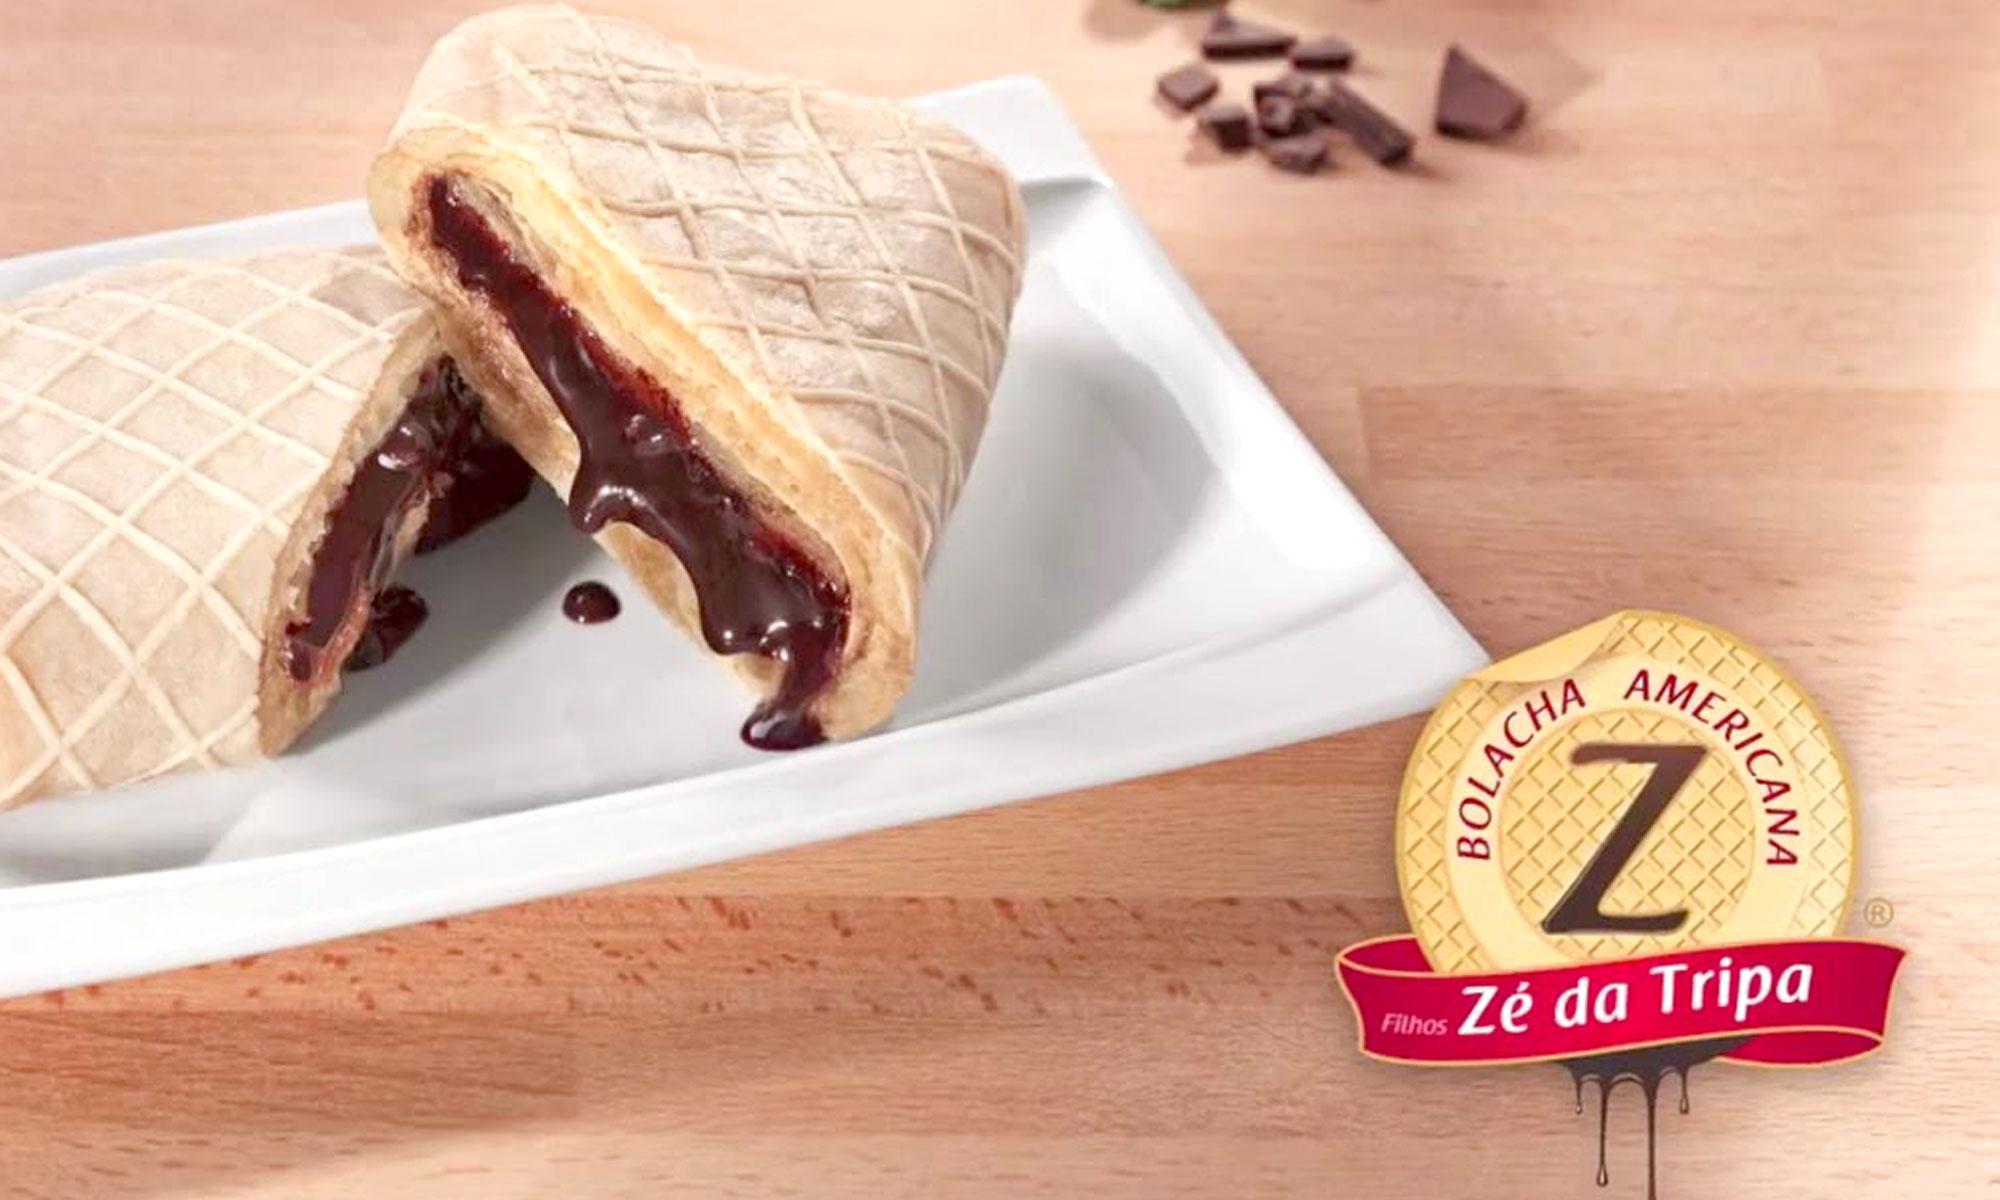 ze-da-tripa-aveiro-ovos-moles-chocolate